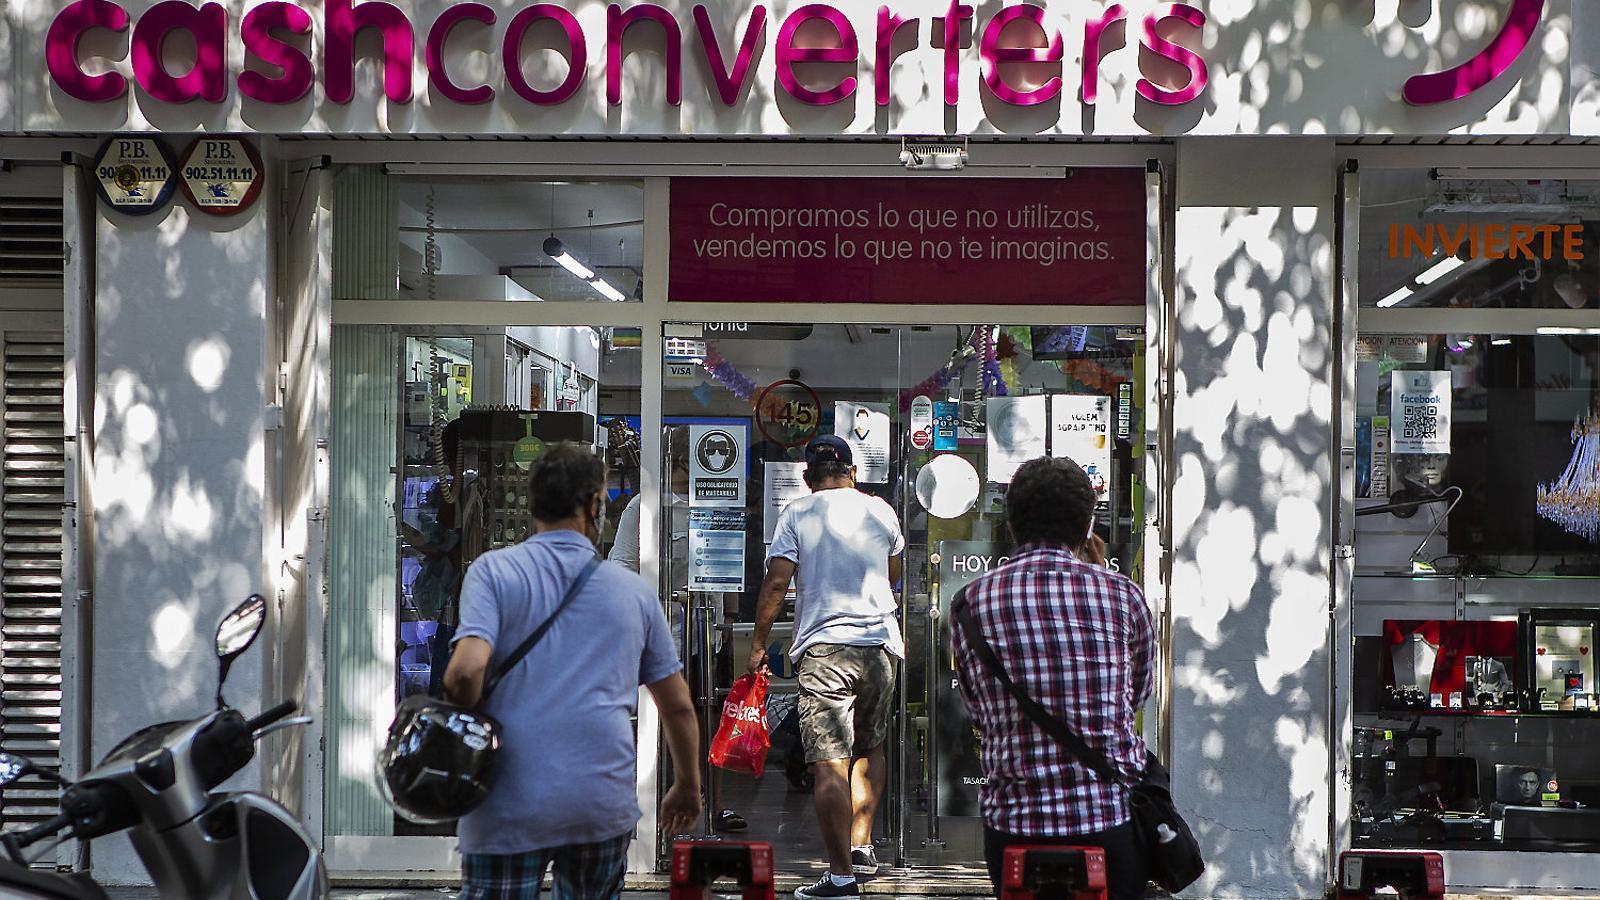 Cues en una botiga de Cash Converters a Barcelona el 27 d'agost.